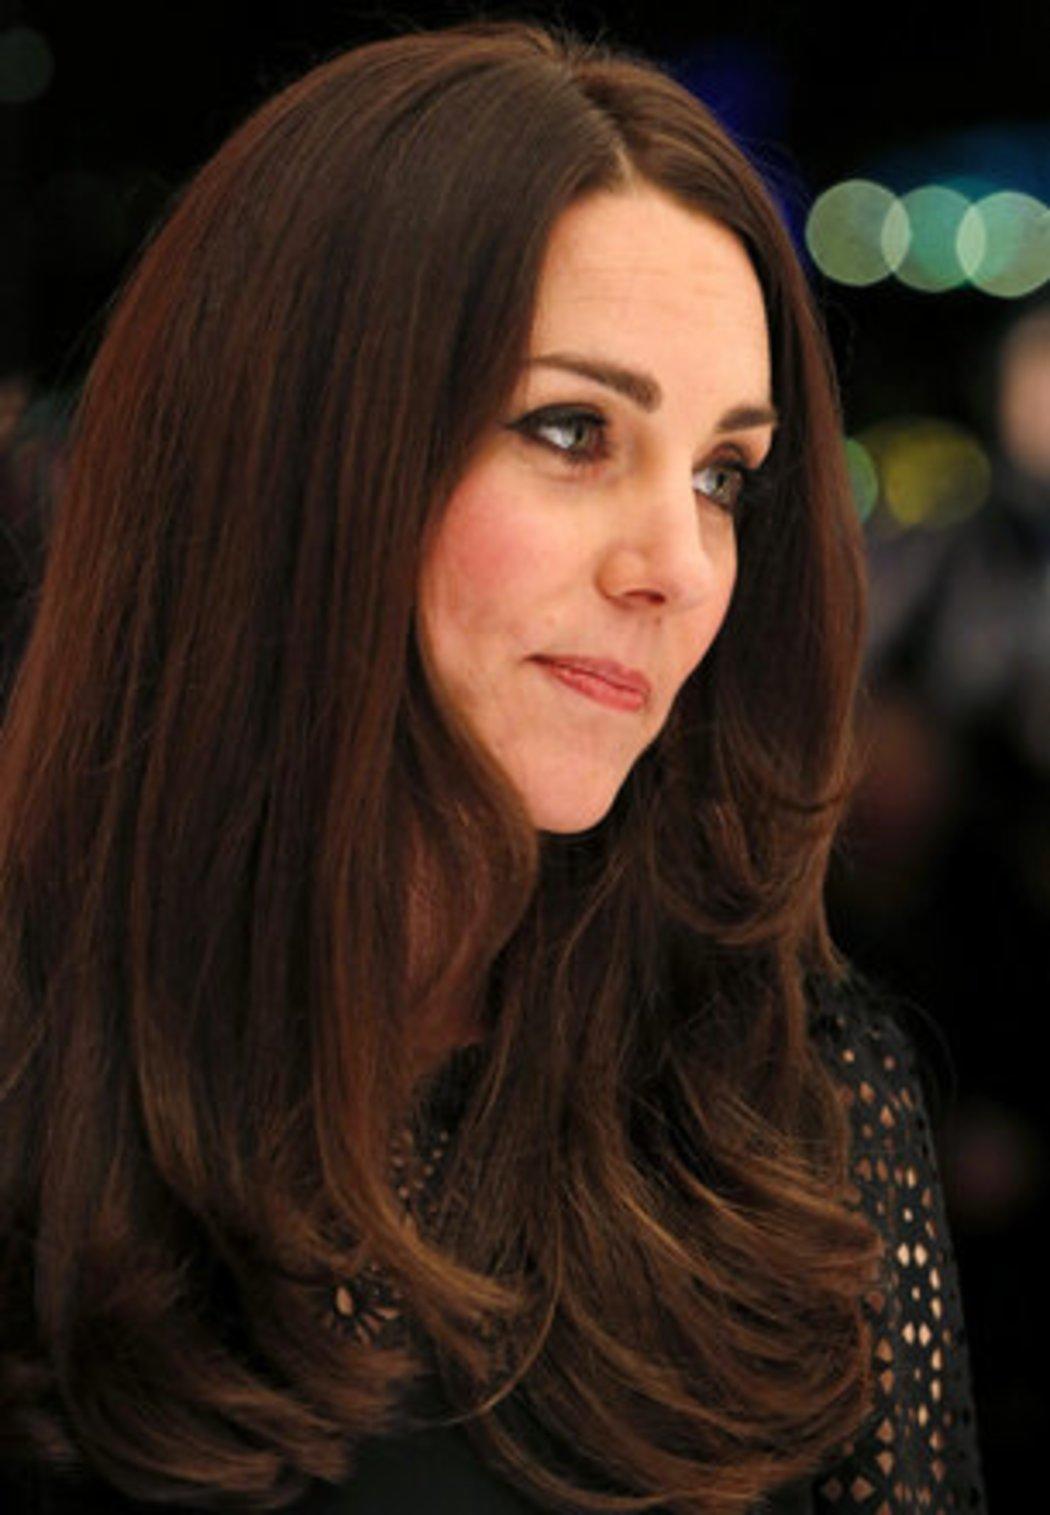 Kate Middleton Hat Sich Ihre Neue Frisur Einiges Kosten Lassen